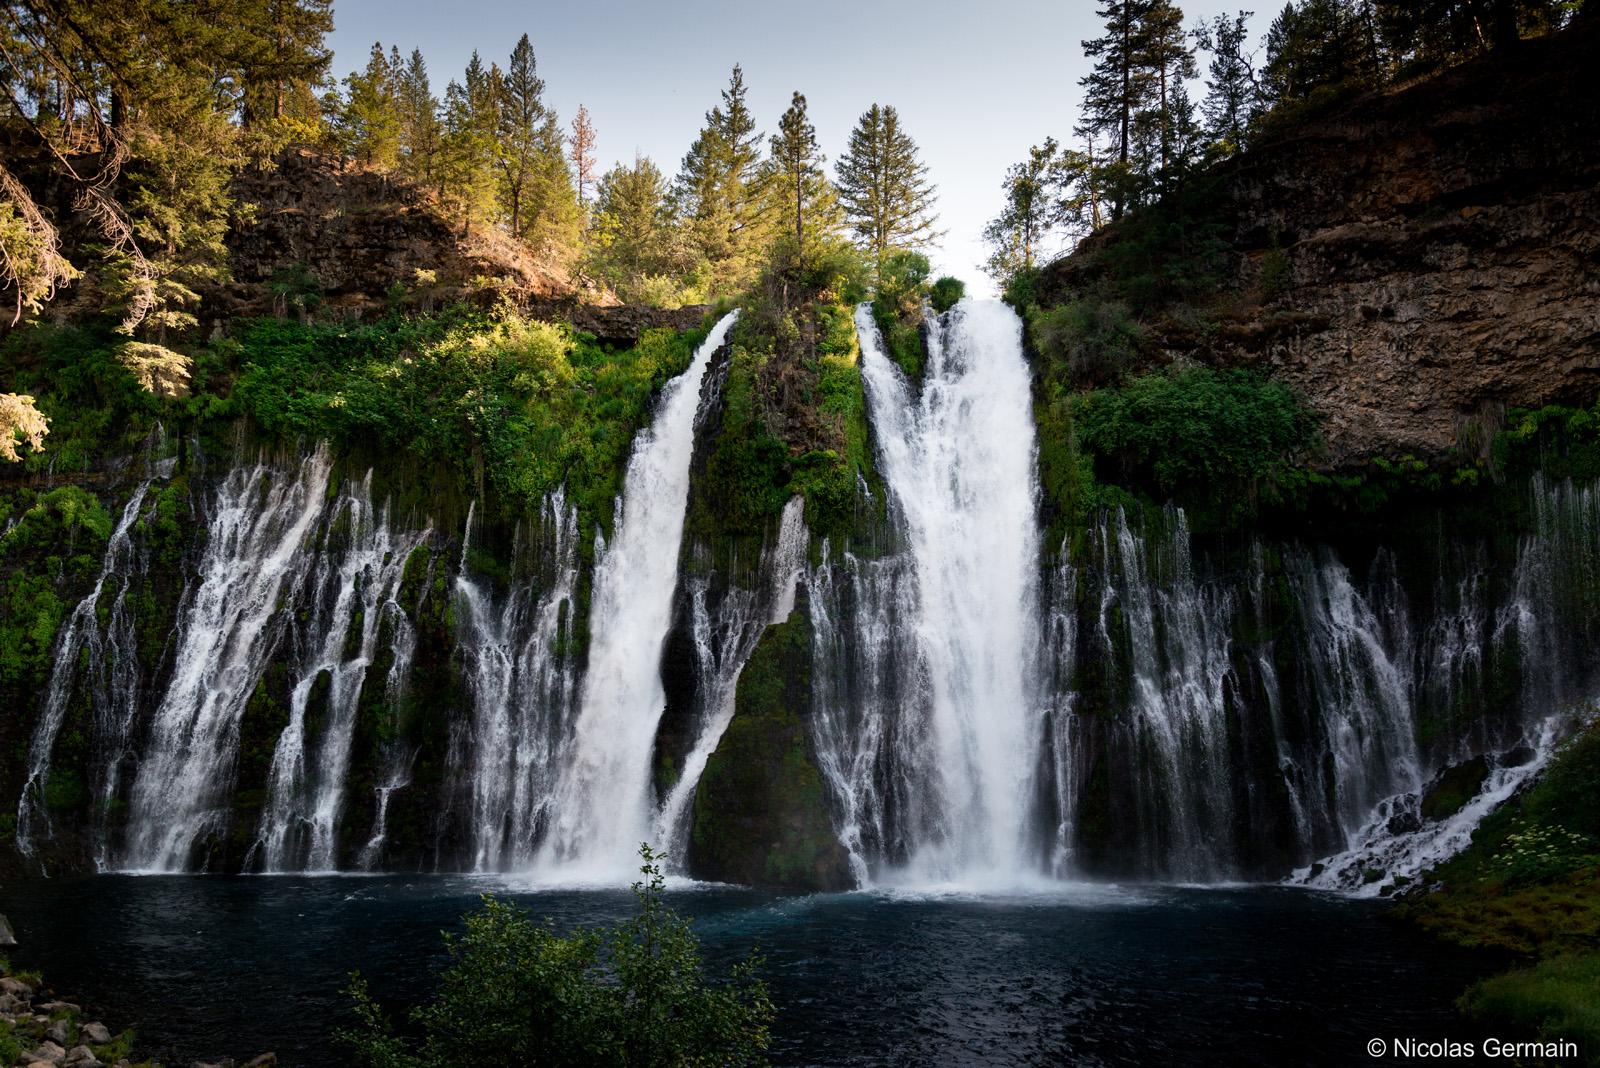 Très belles cascades de Burney Falls dans le nord de la Californie